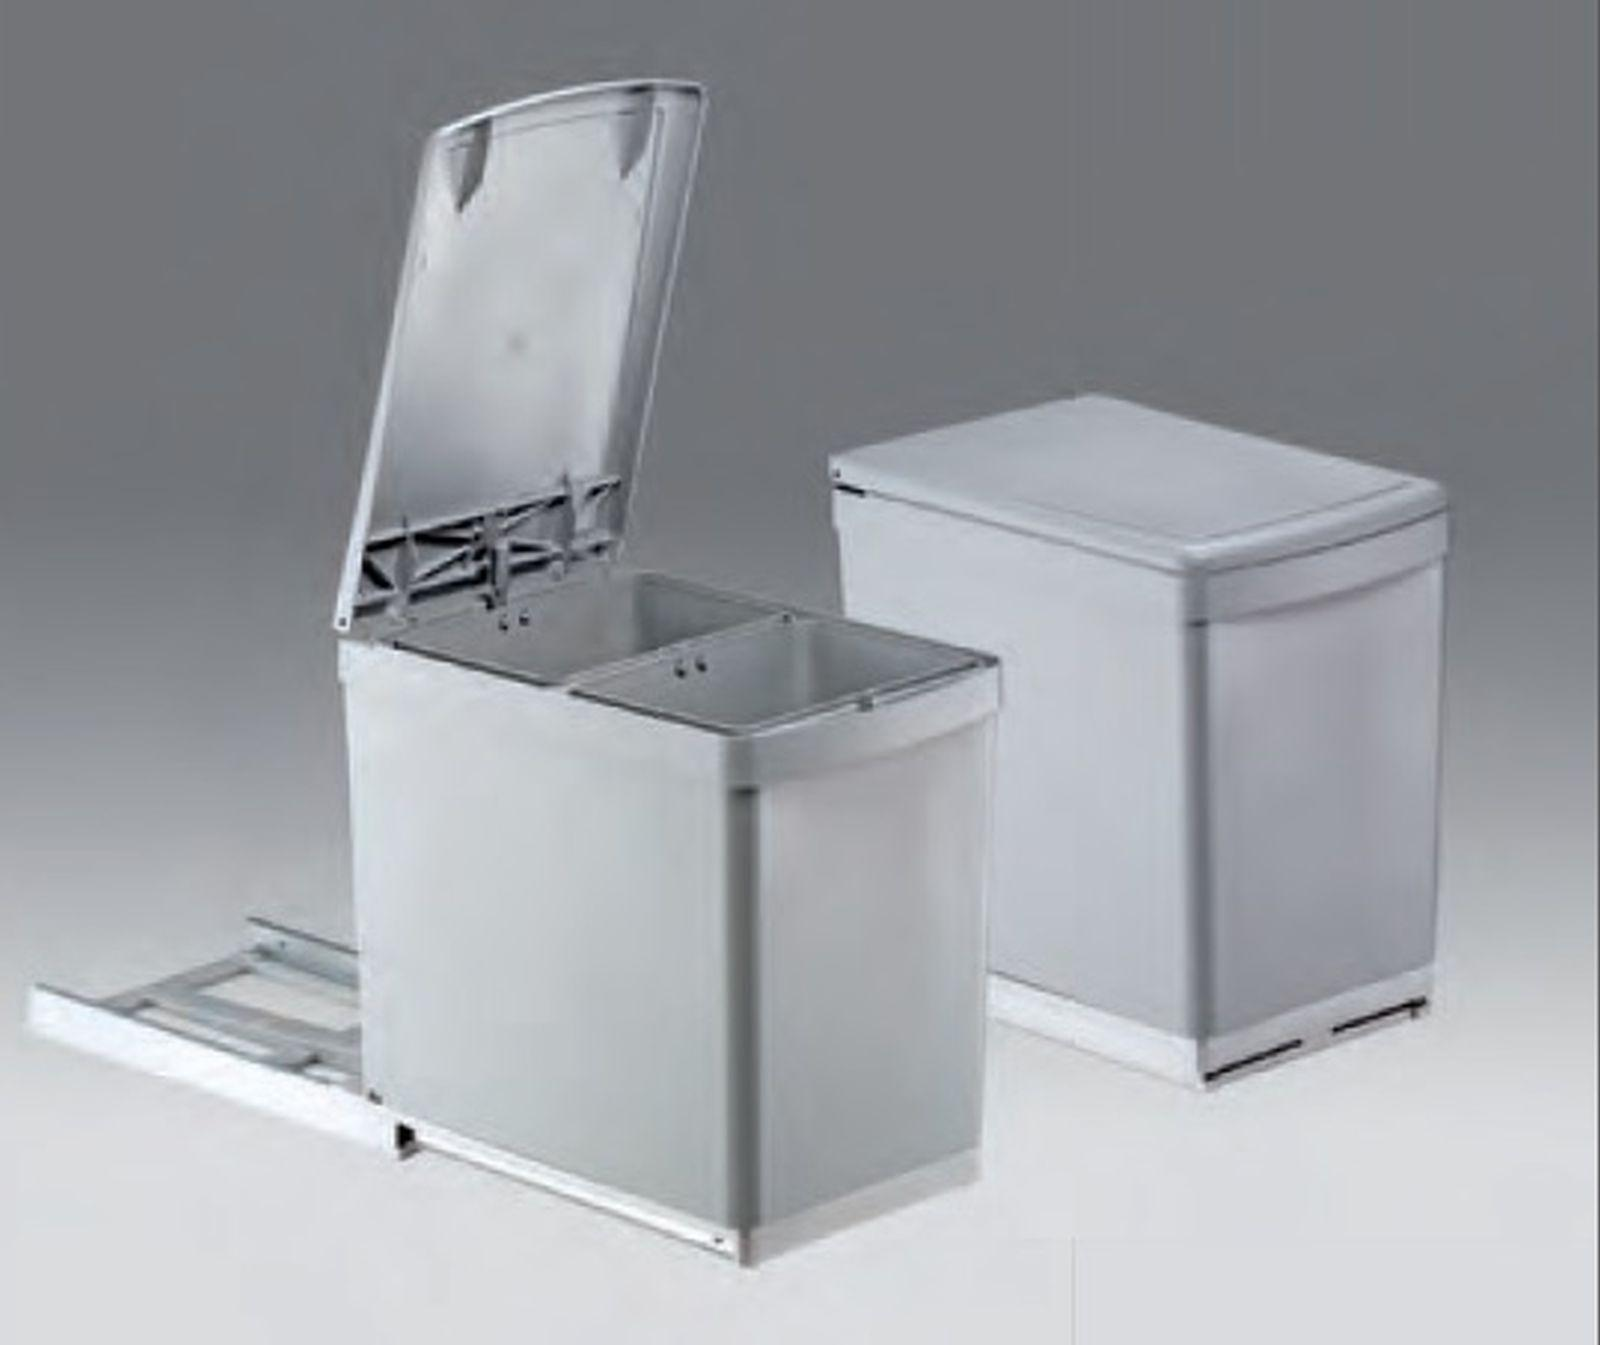 Mülleimer Küche Empfehlung